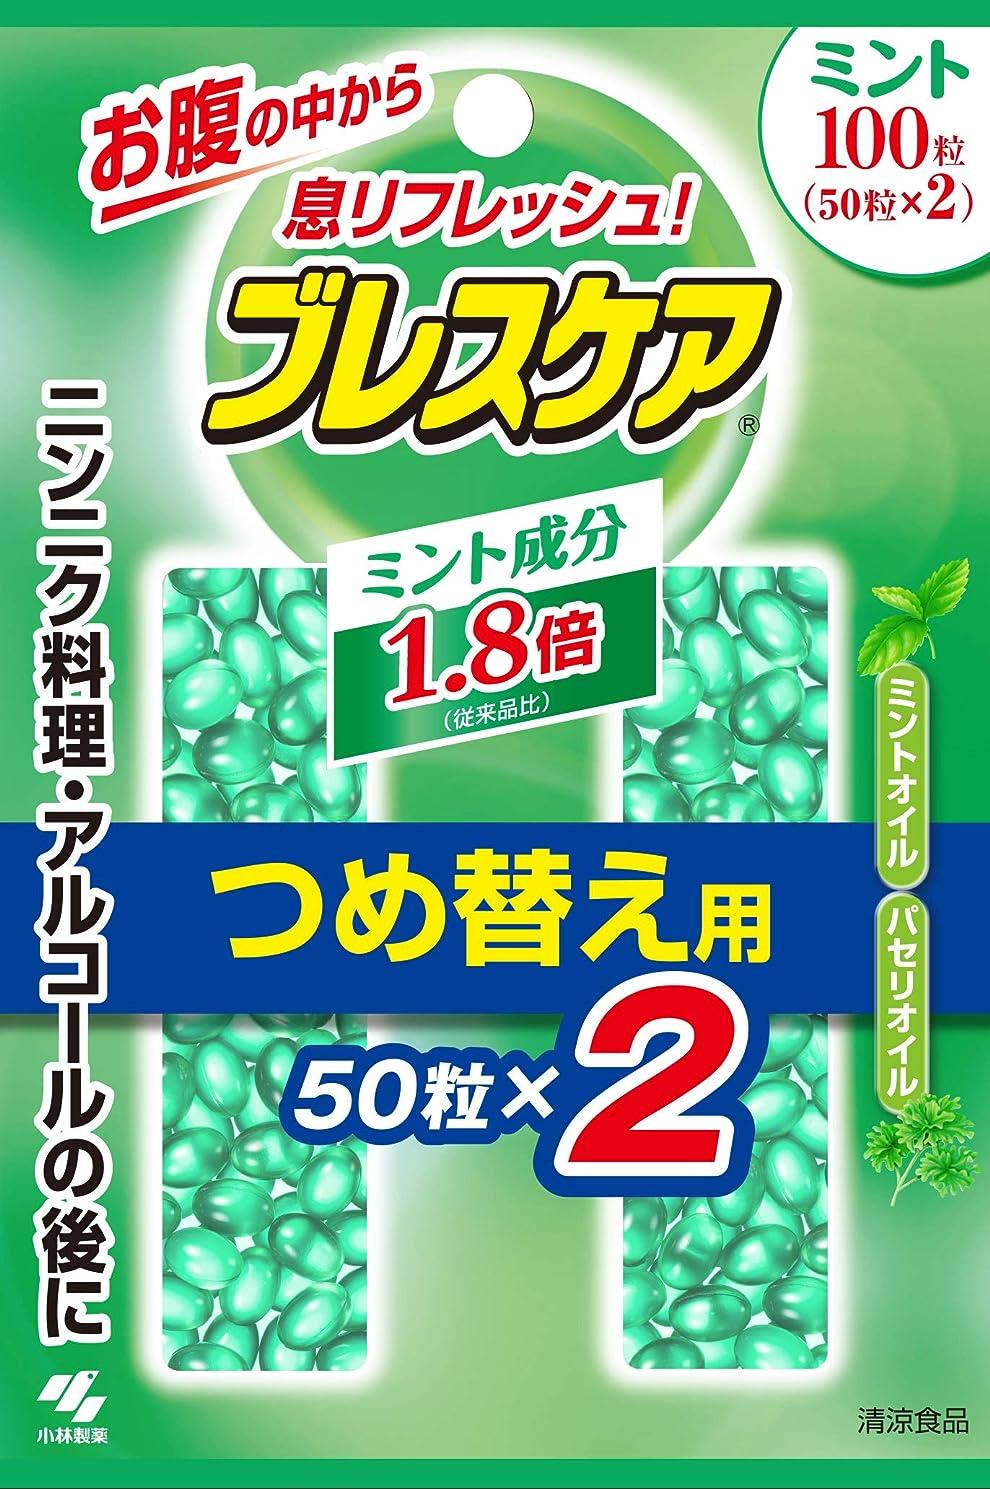 注意食品作成するブレスケア 水で飲む息清涼カプセル 詰め替え用 ミント 100粒(50粒×2個